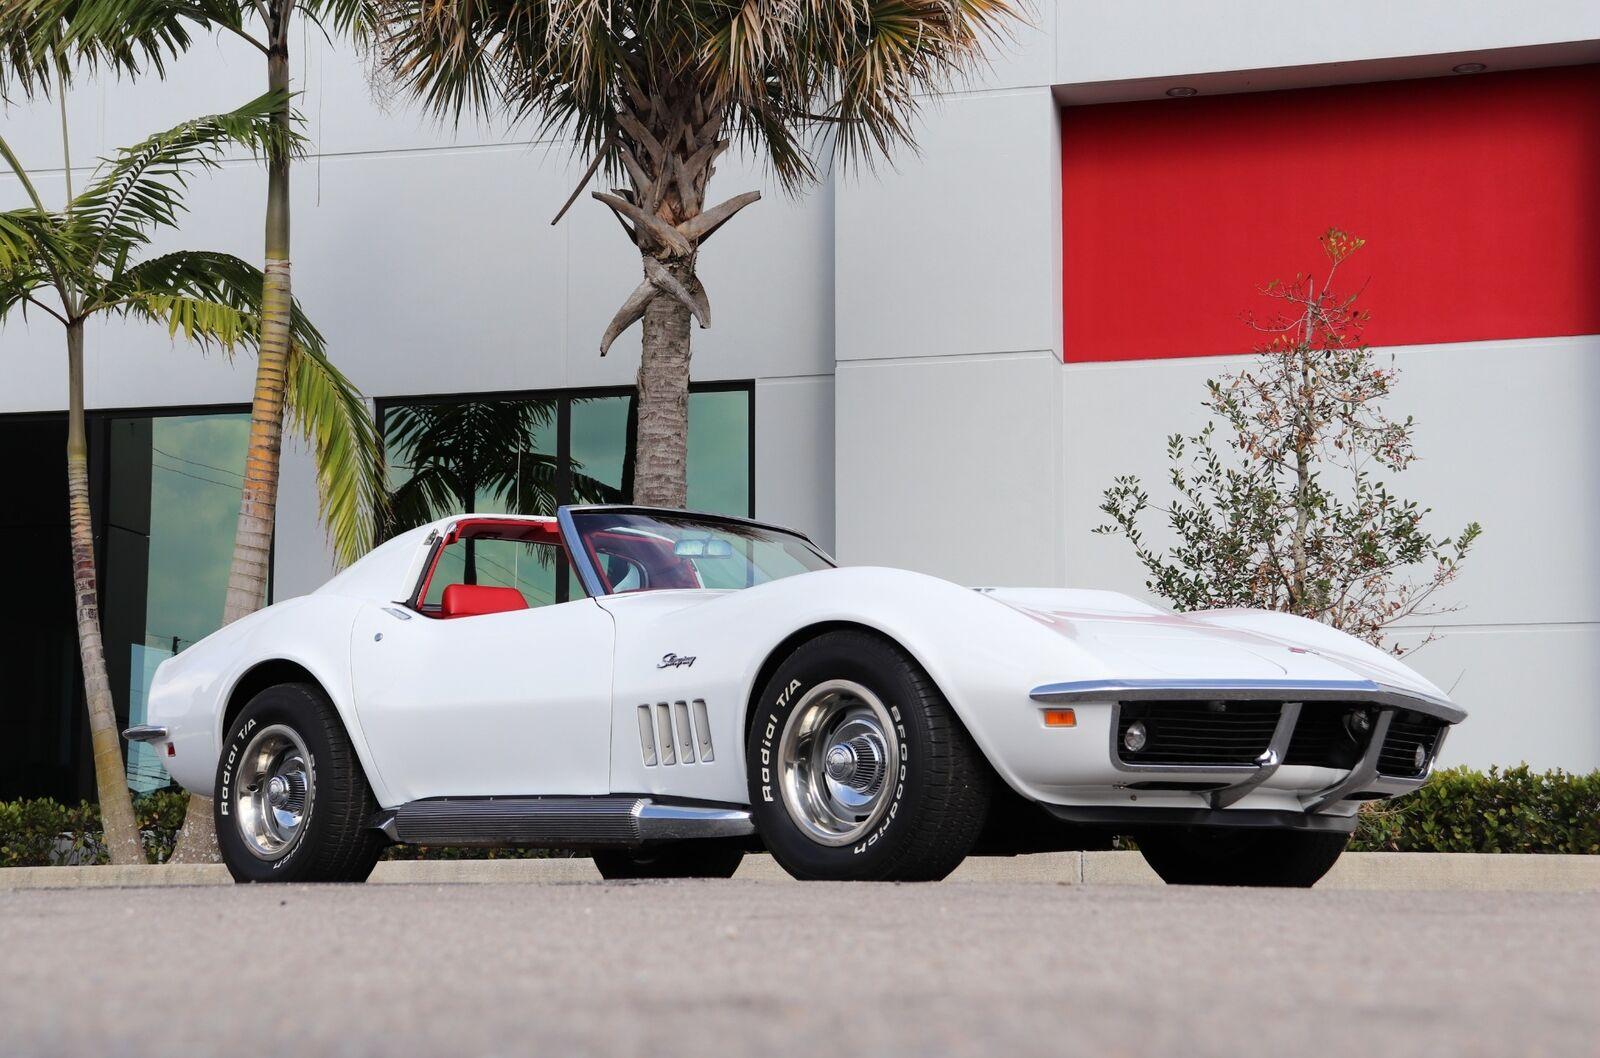 1969 White Chevrolet Corvette   | C3 Corvette Photo 3